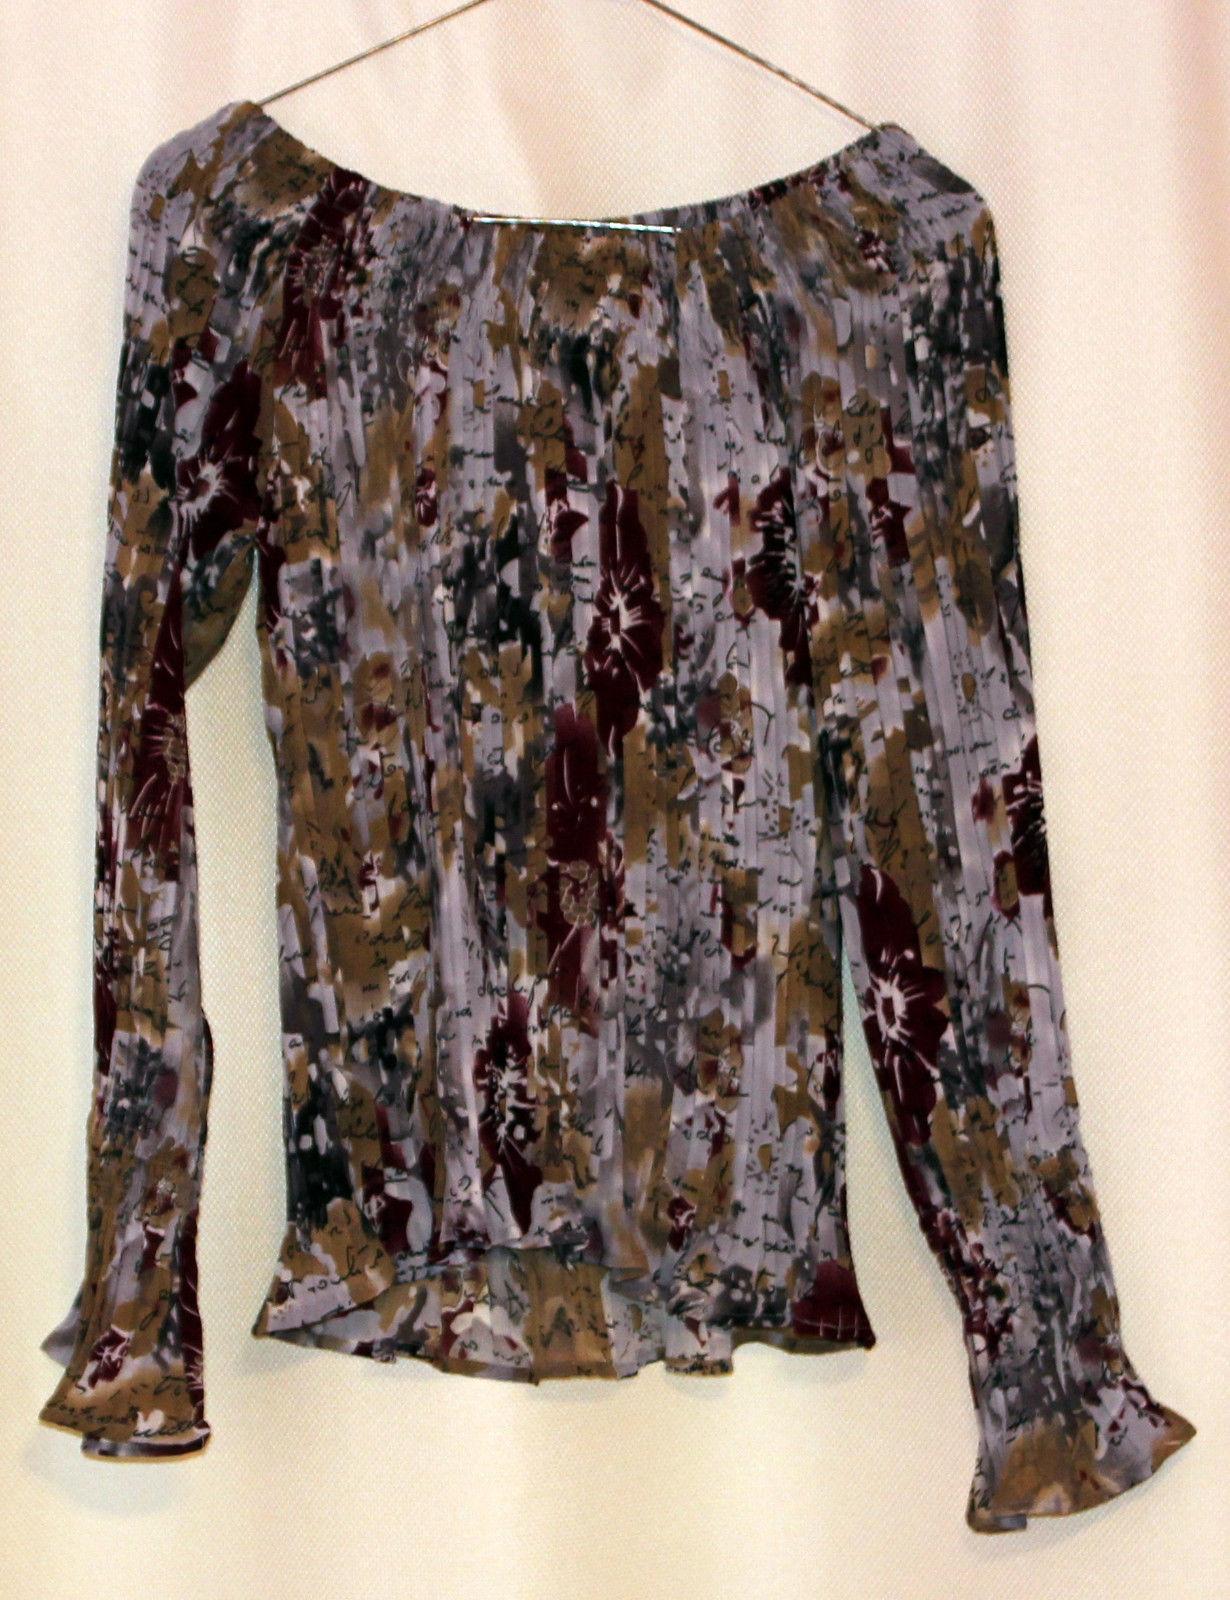 Dress-U Long Sleeve Multicolor Flower Off-shoulder Crinkled Pleated Top Blouse L